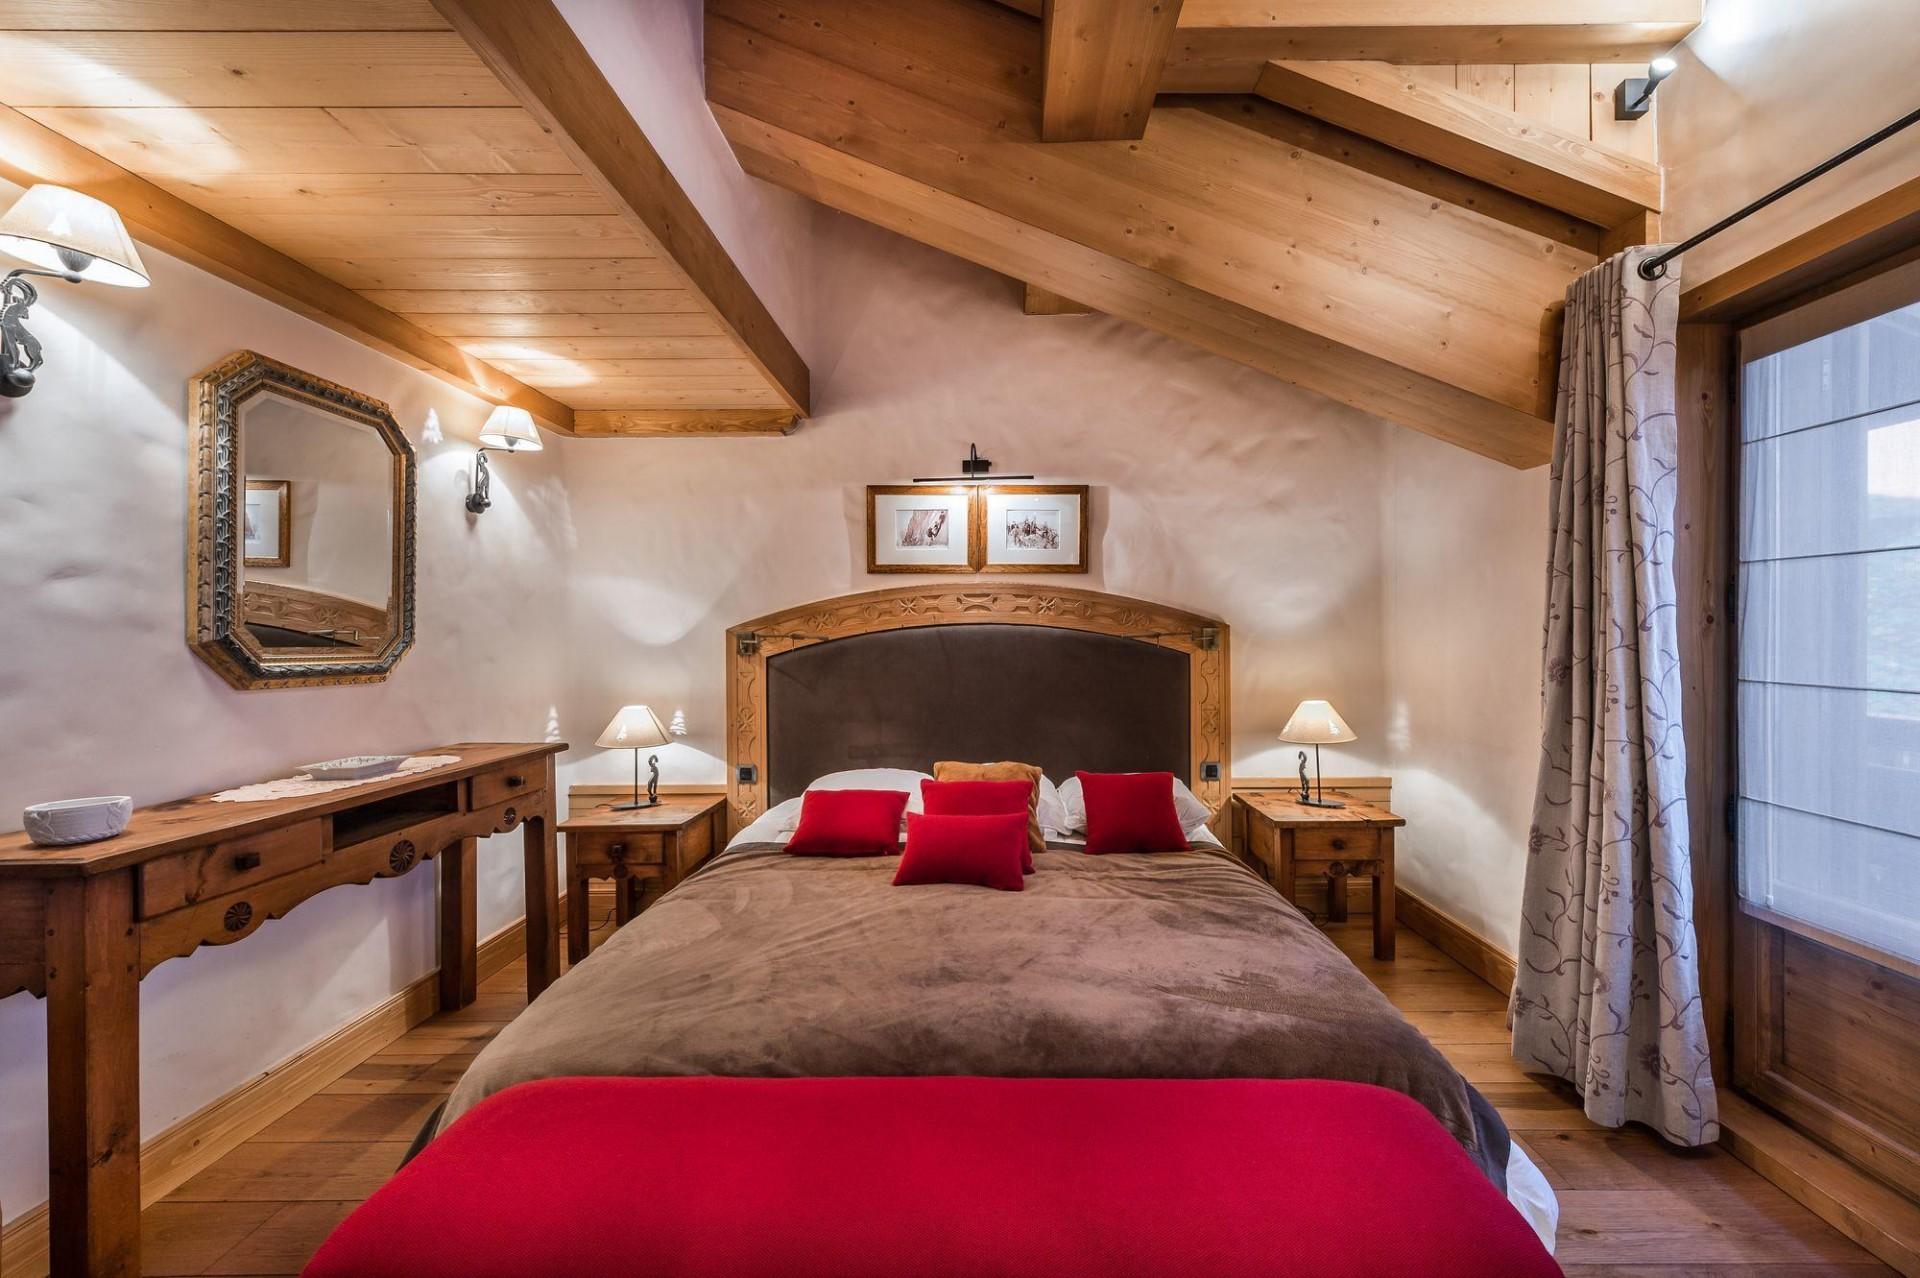 Courchevel 1850 Location Appartement Luxe Cetanite Chambre 2